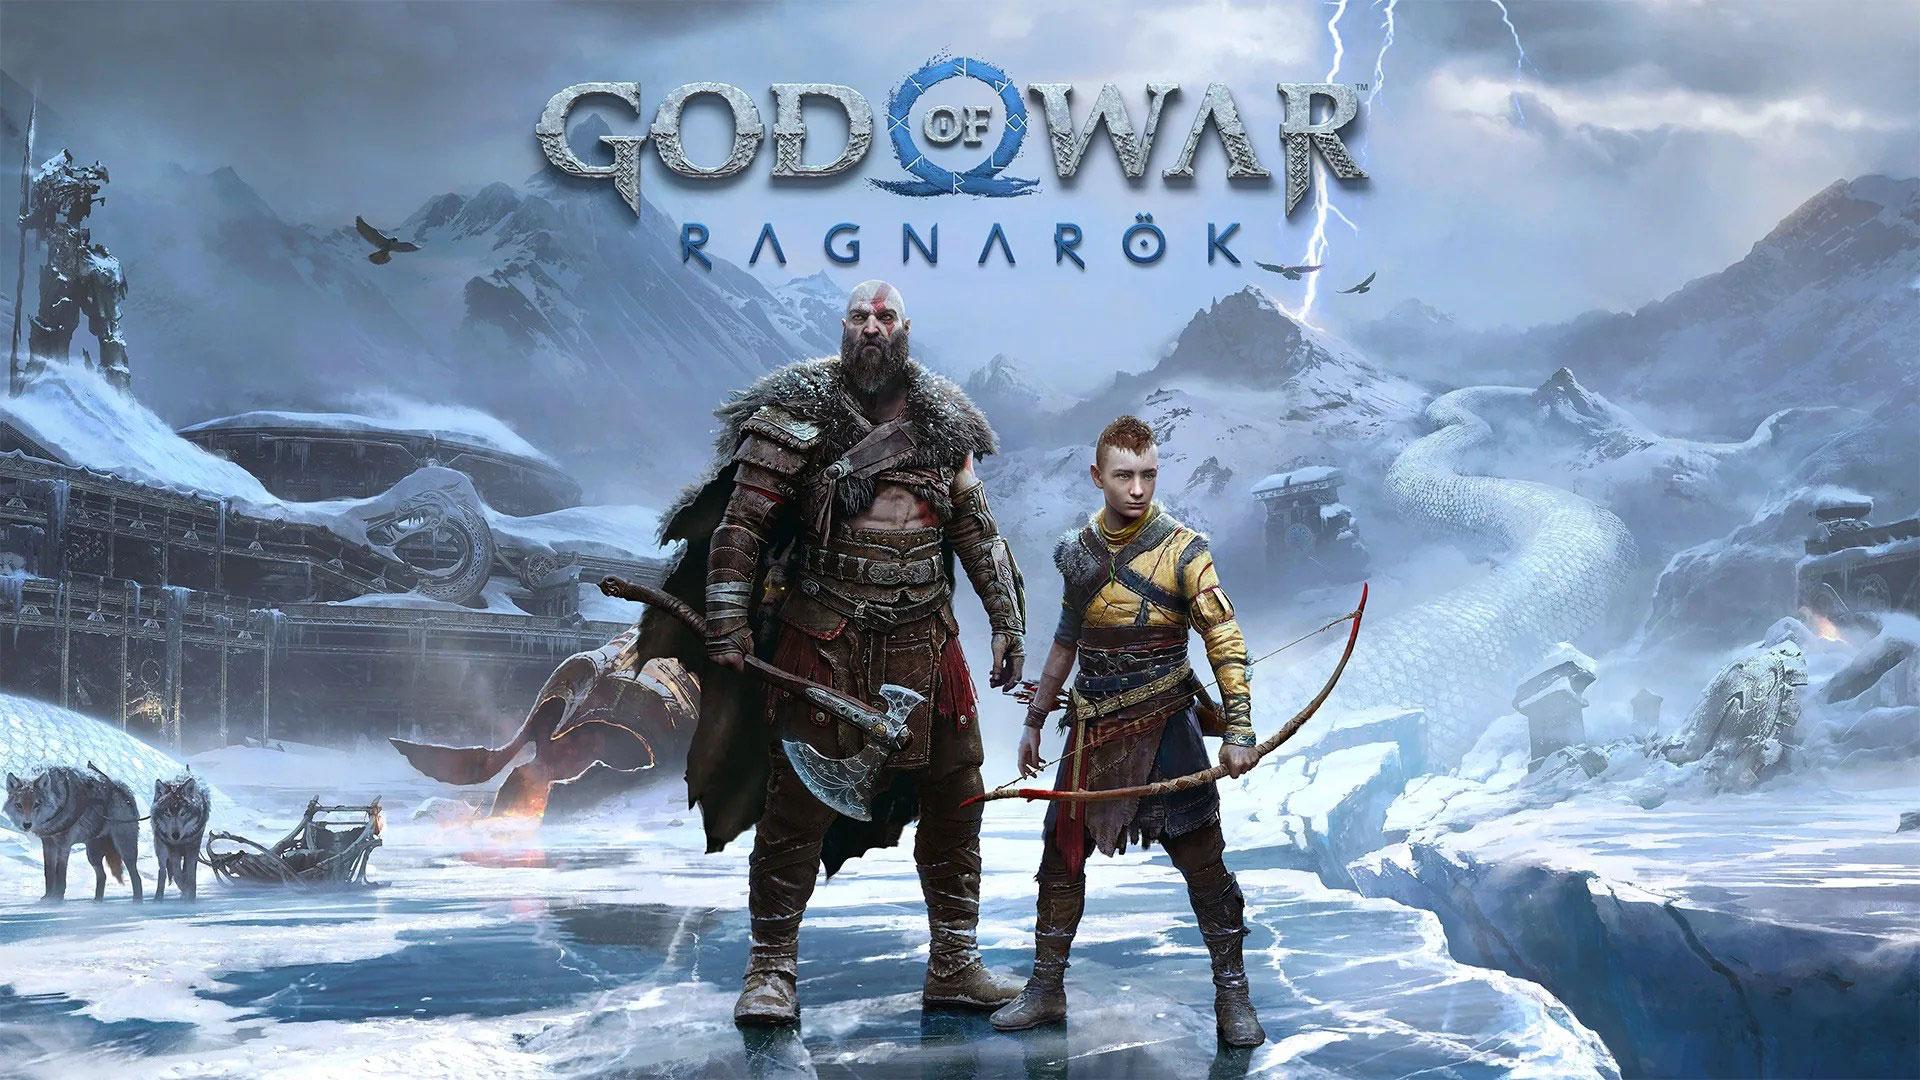 Free God of War: Ragnarok Wallpaper in 1920x1080